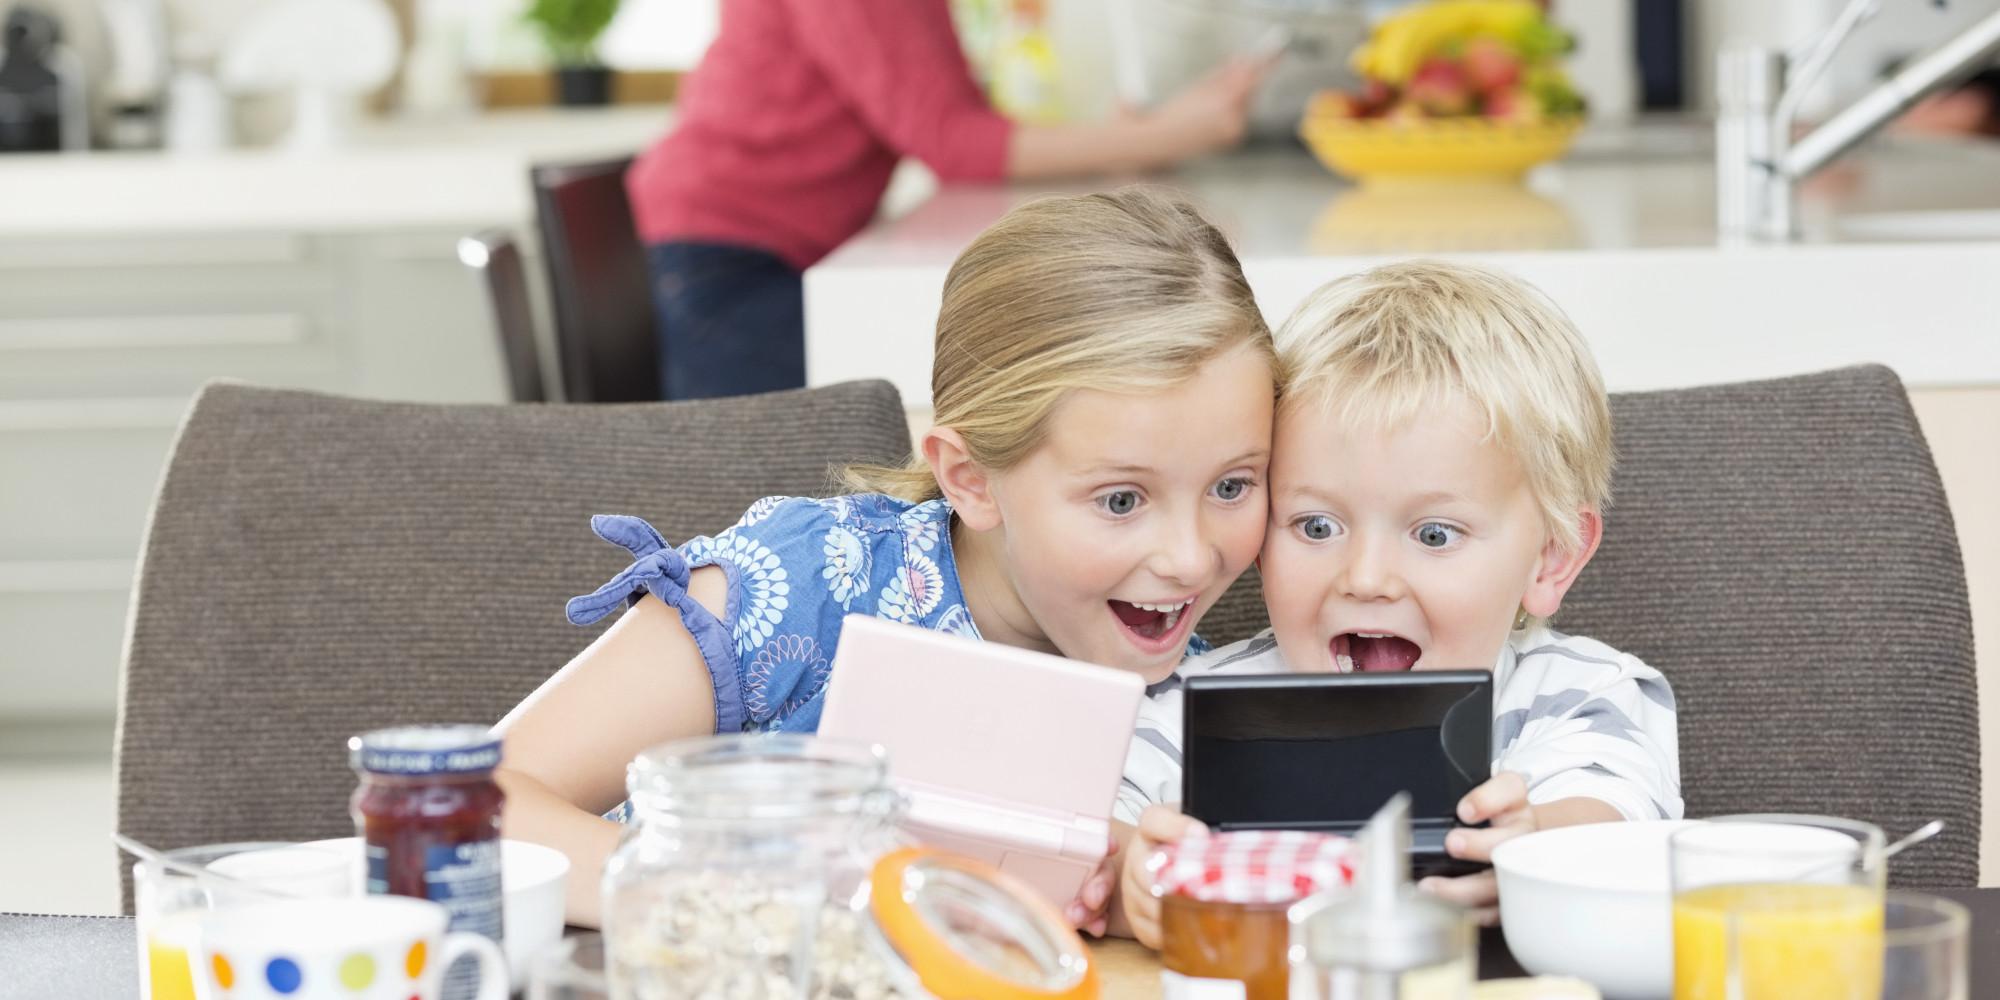 Како технологијата и видео игрите влијаат врз мозокот на децата